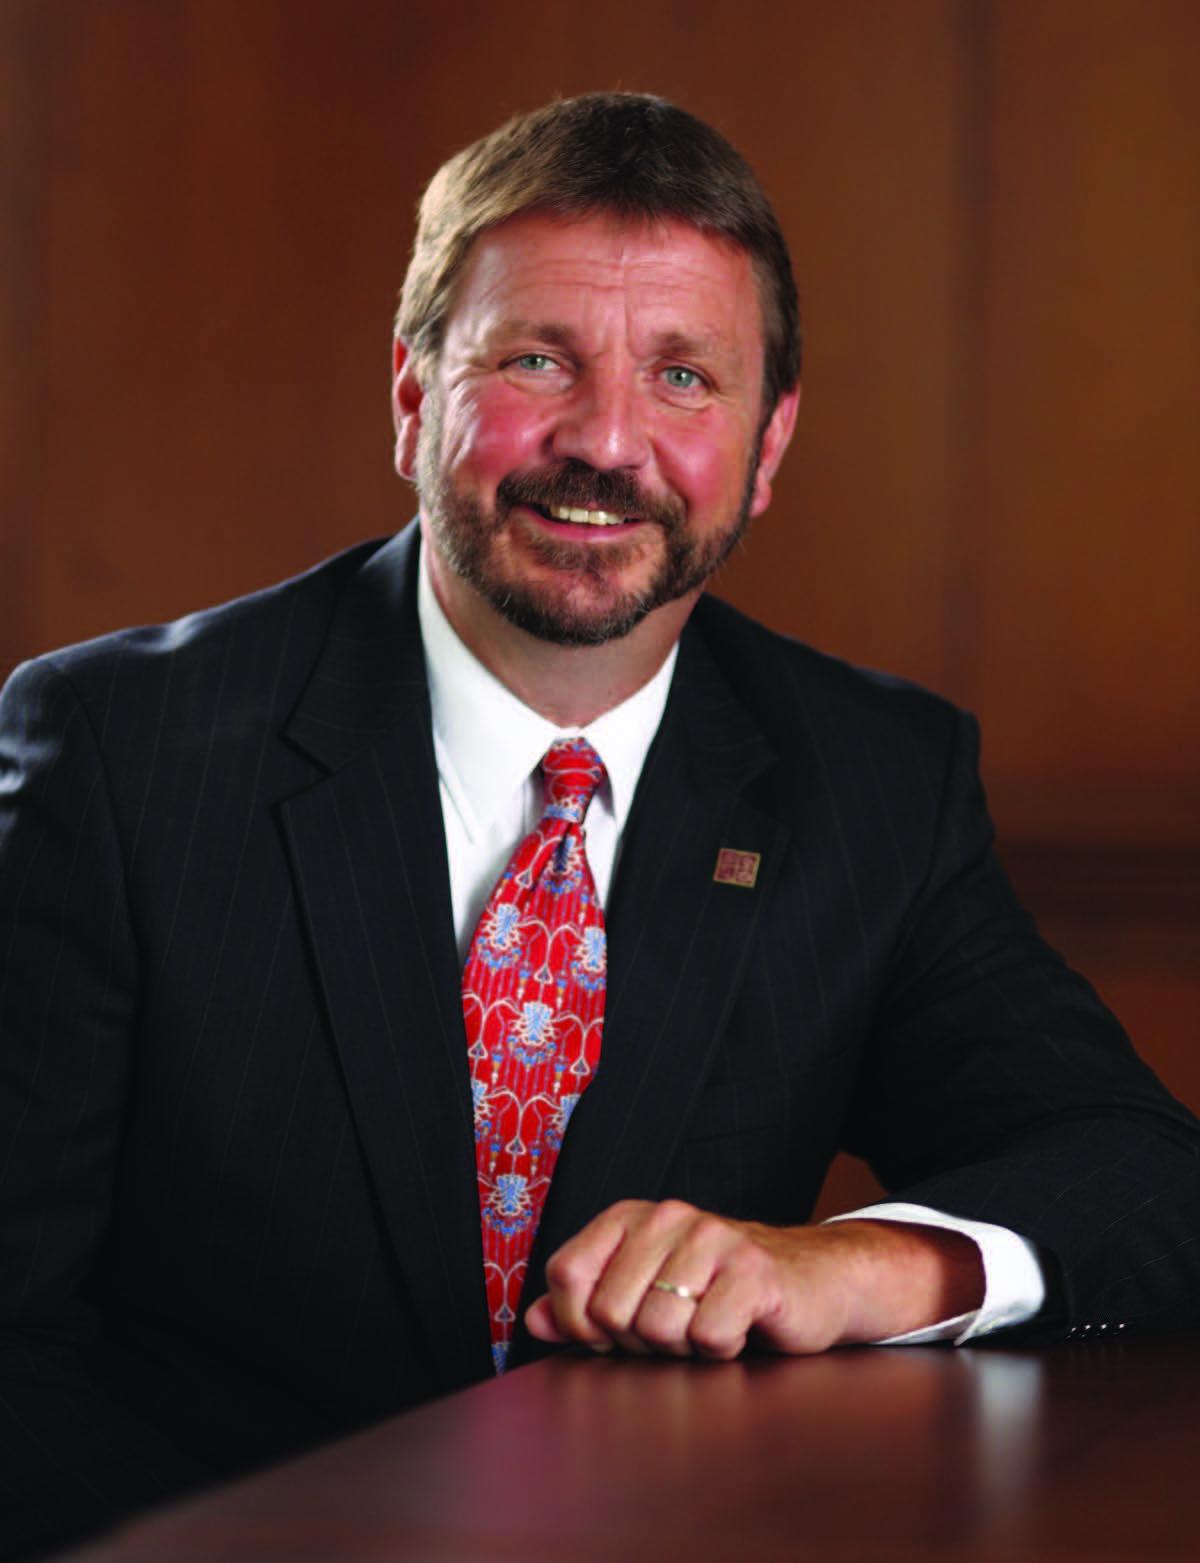 Dennis Walczyk